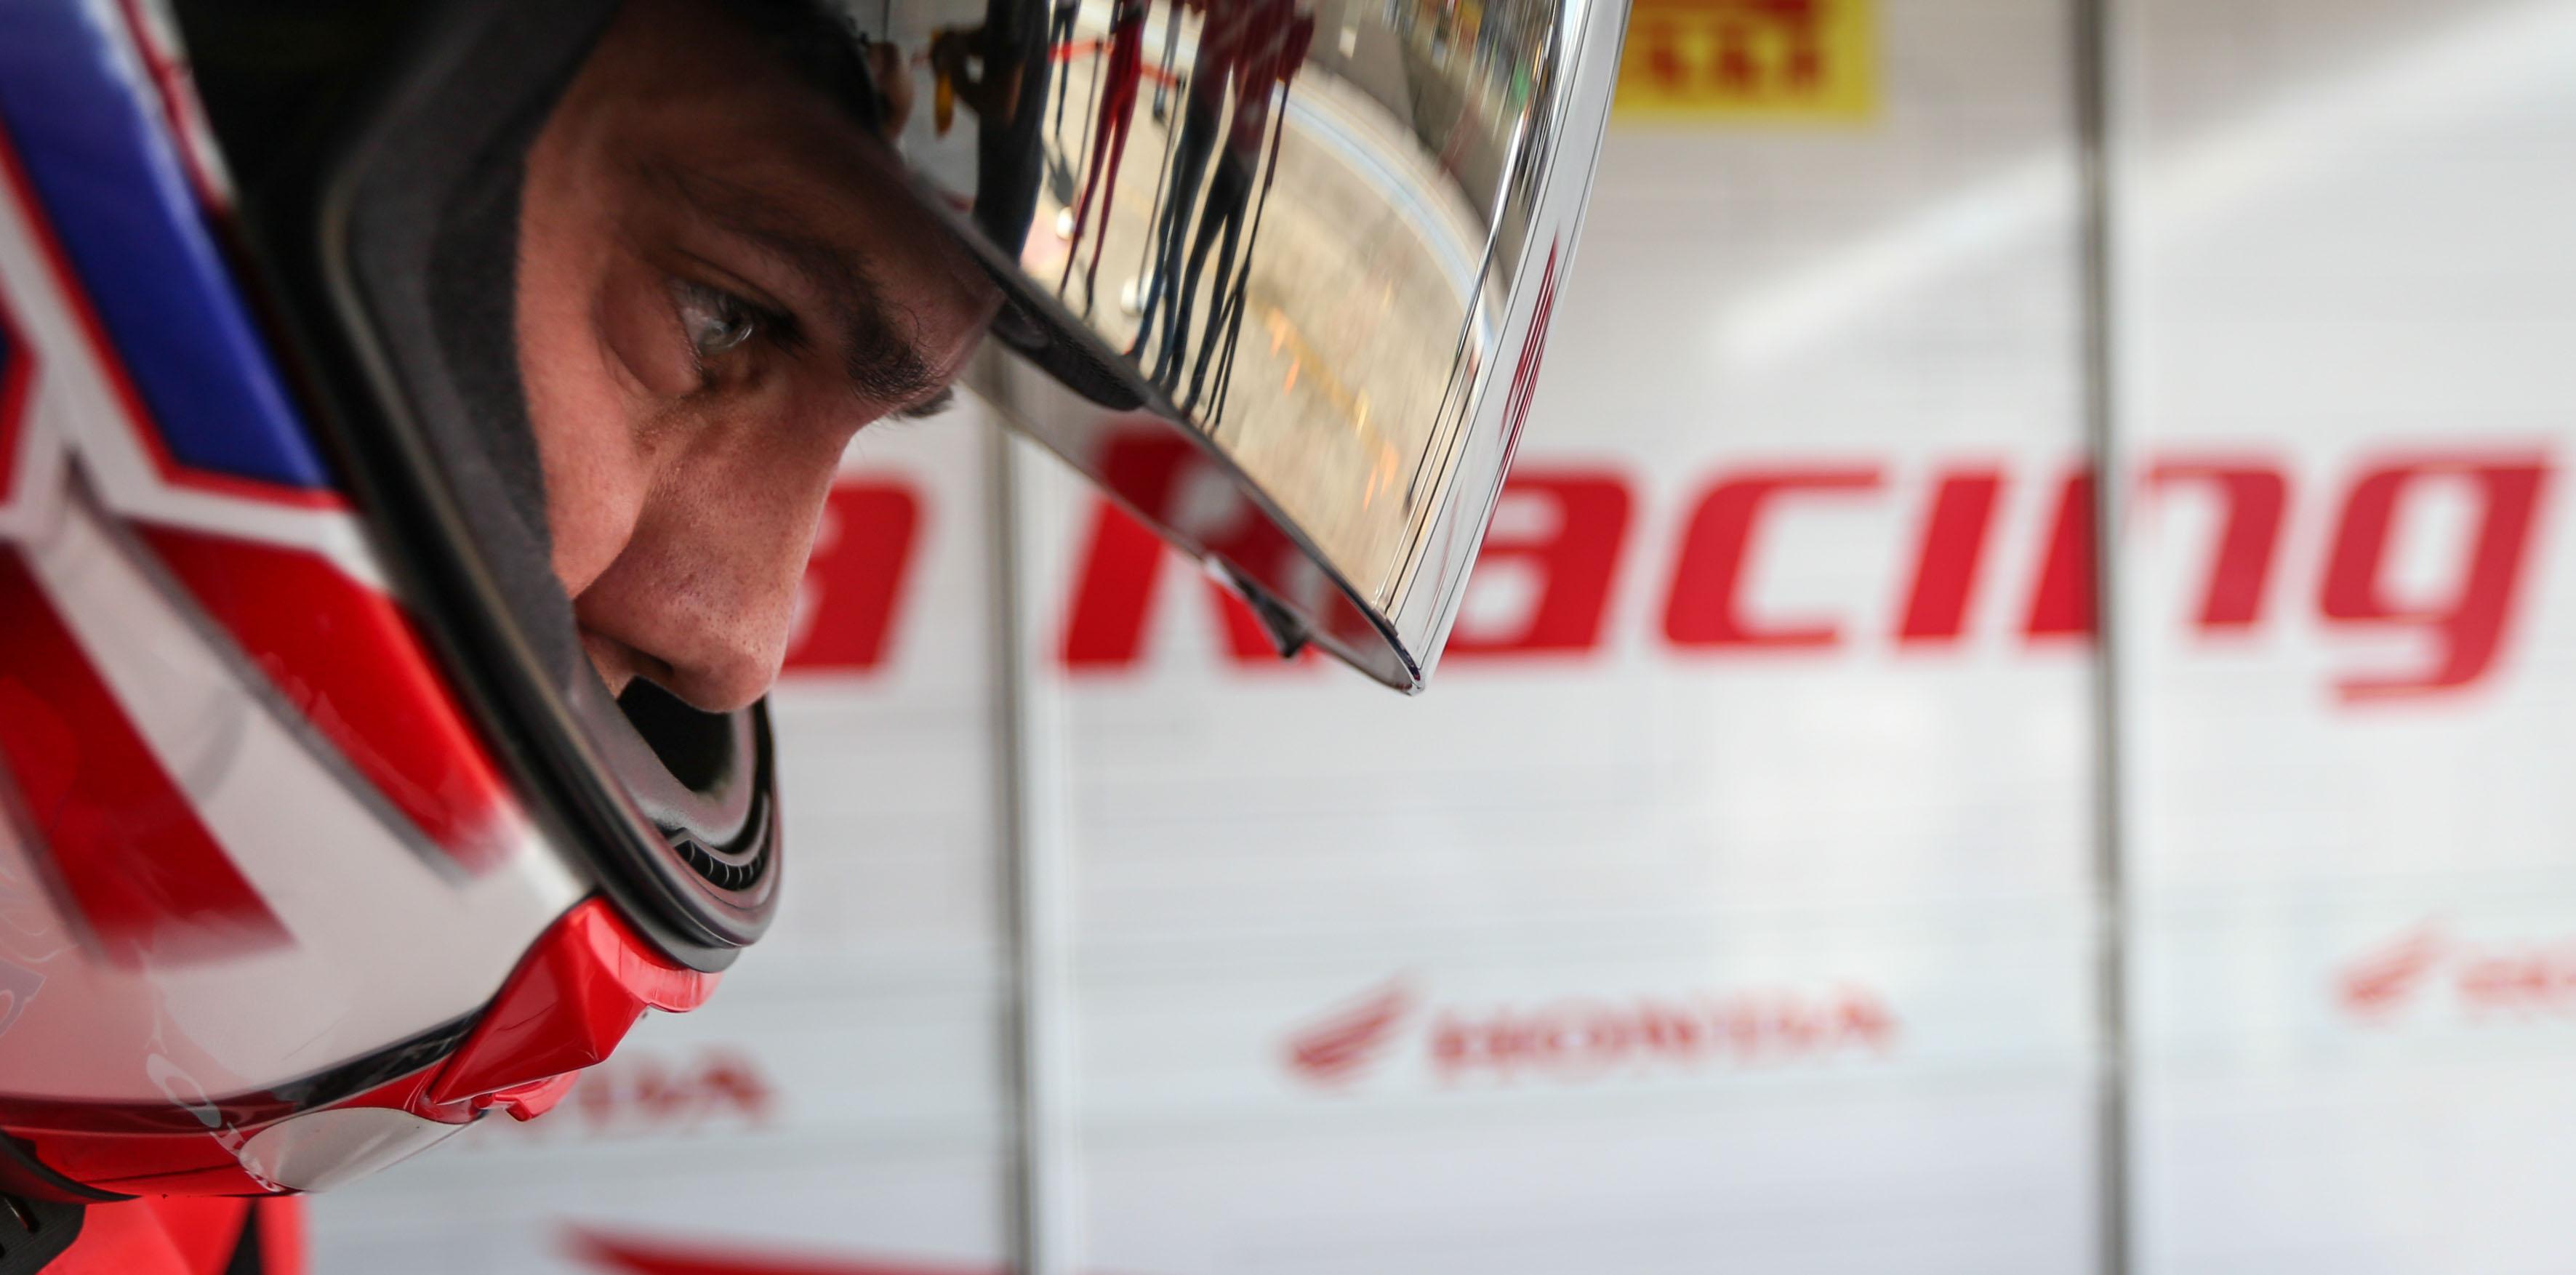 Maico Teixeira quebra duas vezes recorde de Interlagos e faz pole na quarta etapa do SuperBike Series Brasil